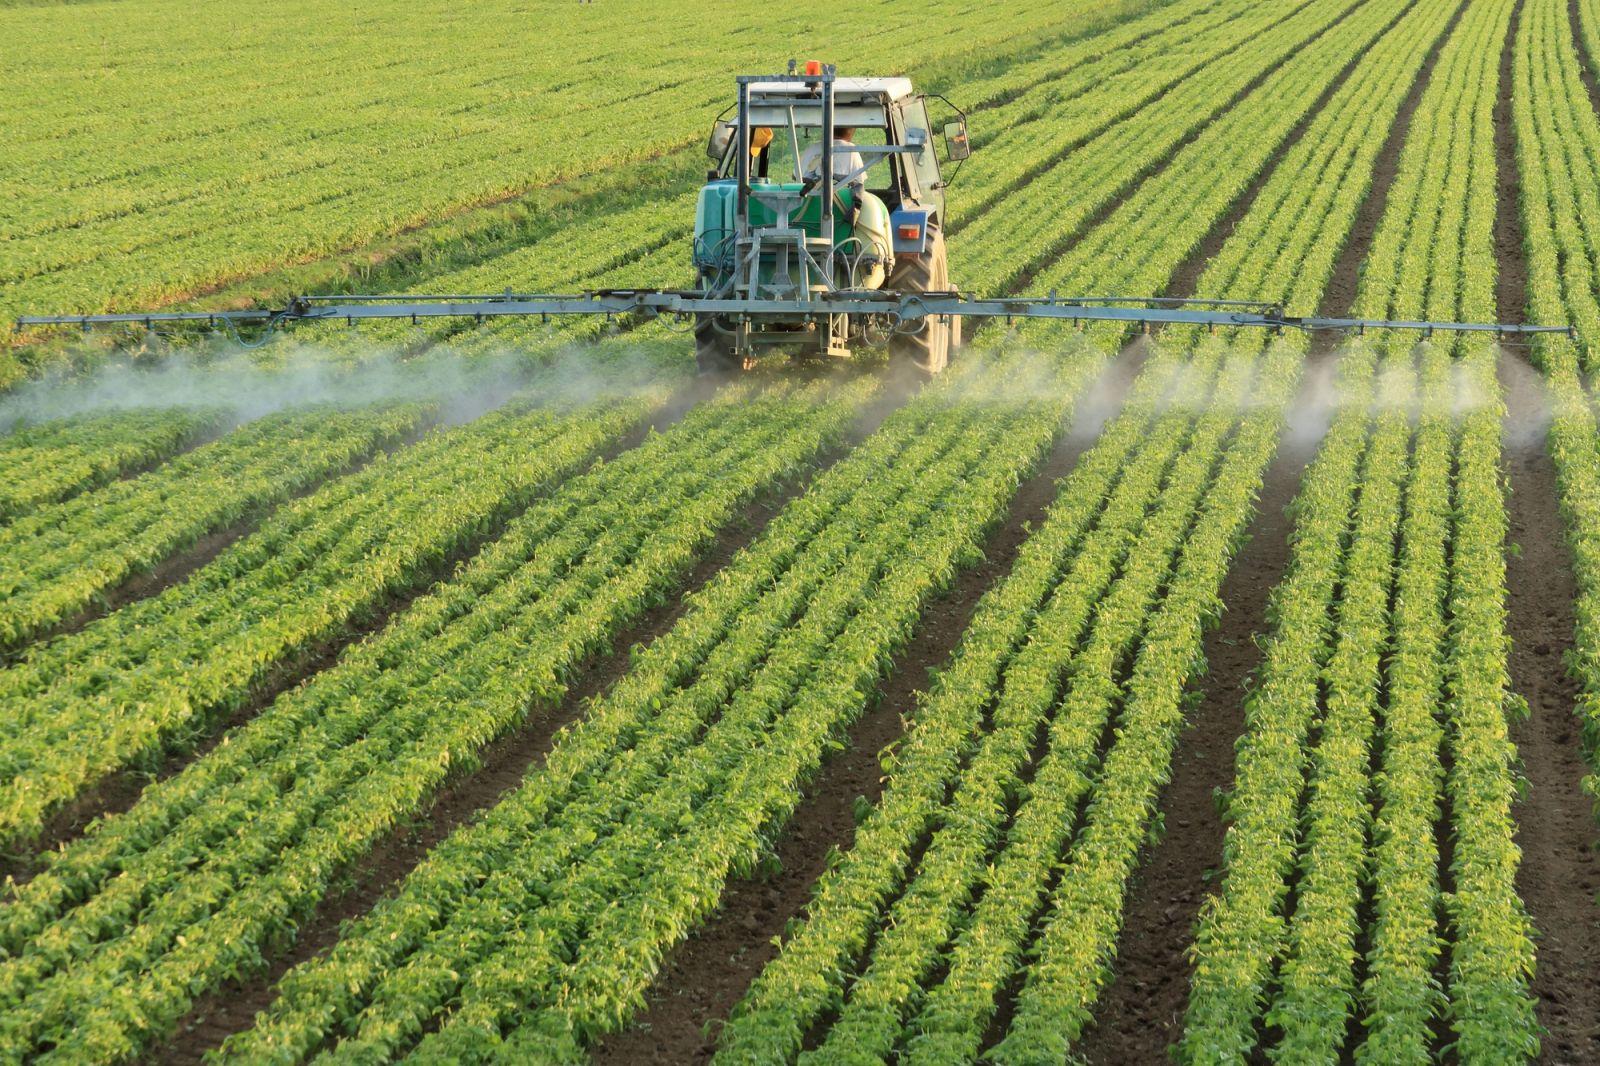 Получение разрешения на ввоз и использование незарегистрированных пестицидов и агрохимикатов